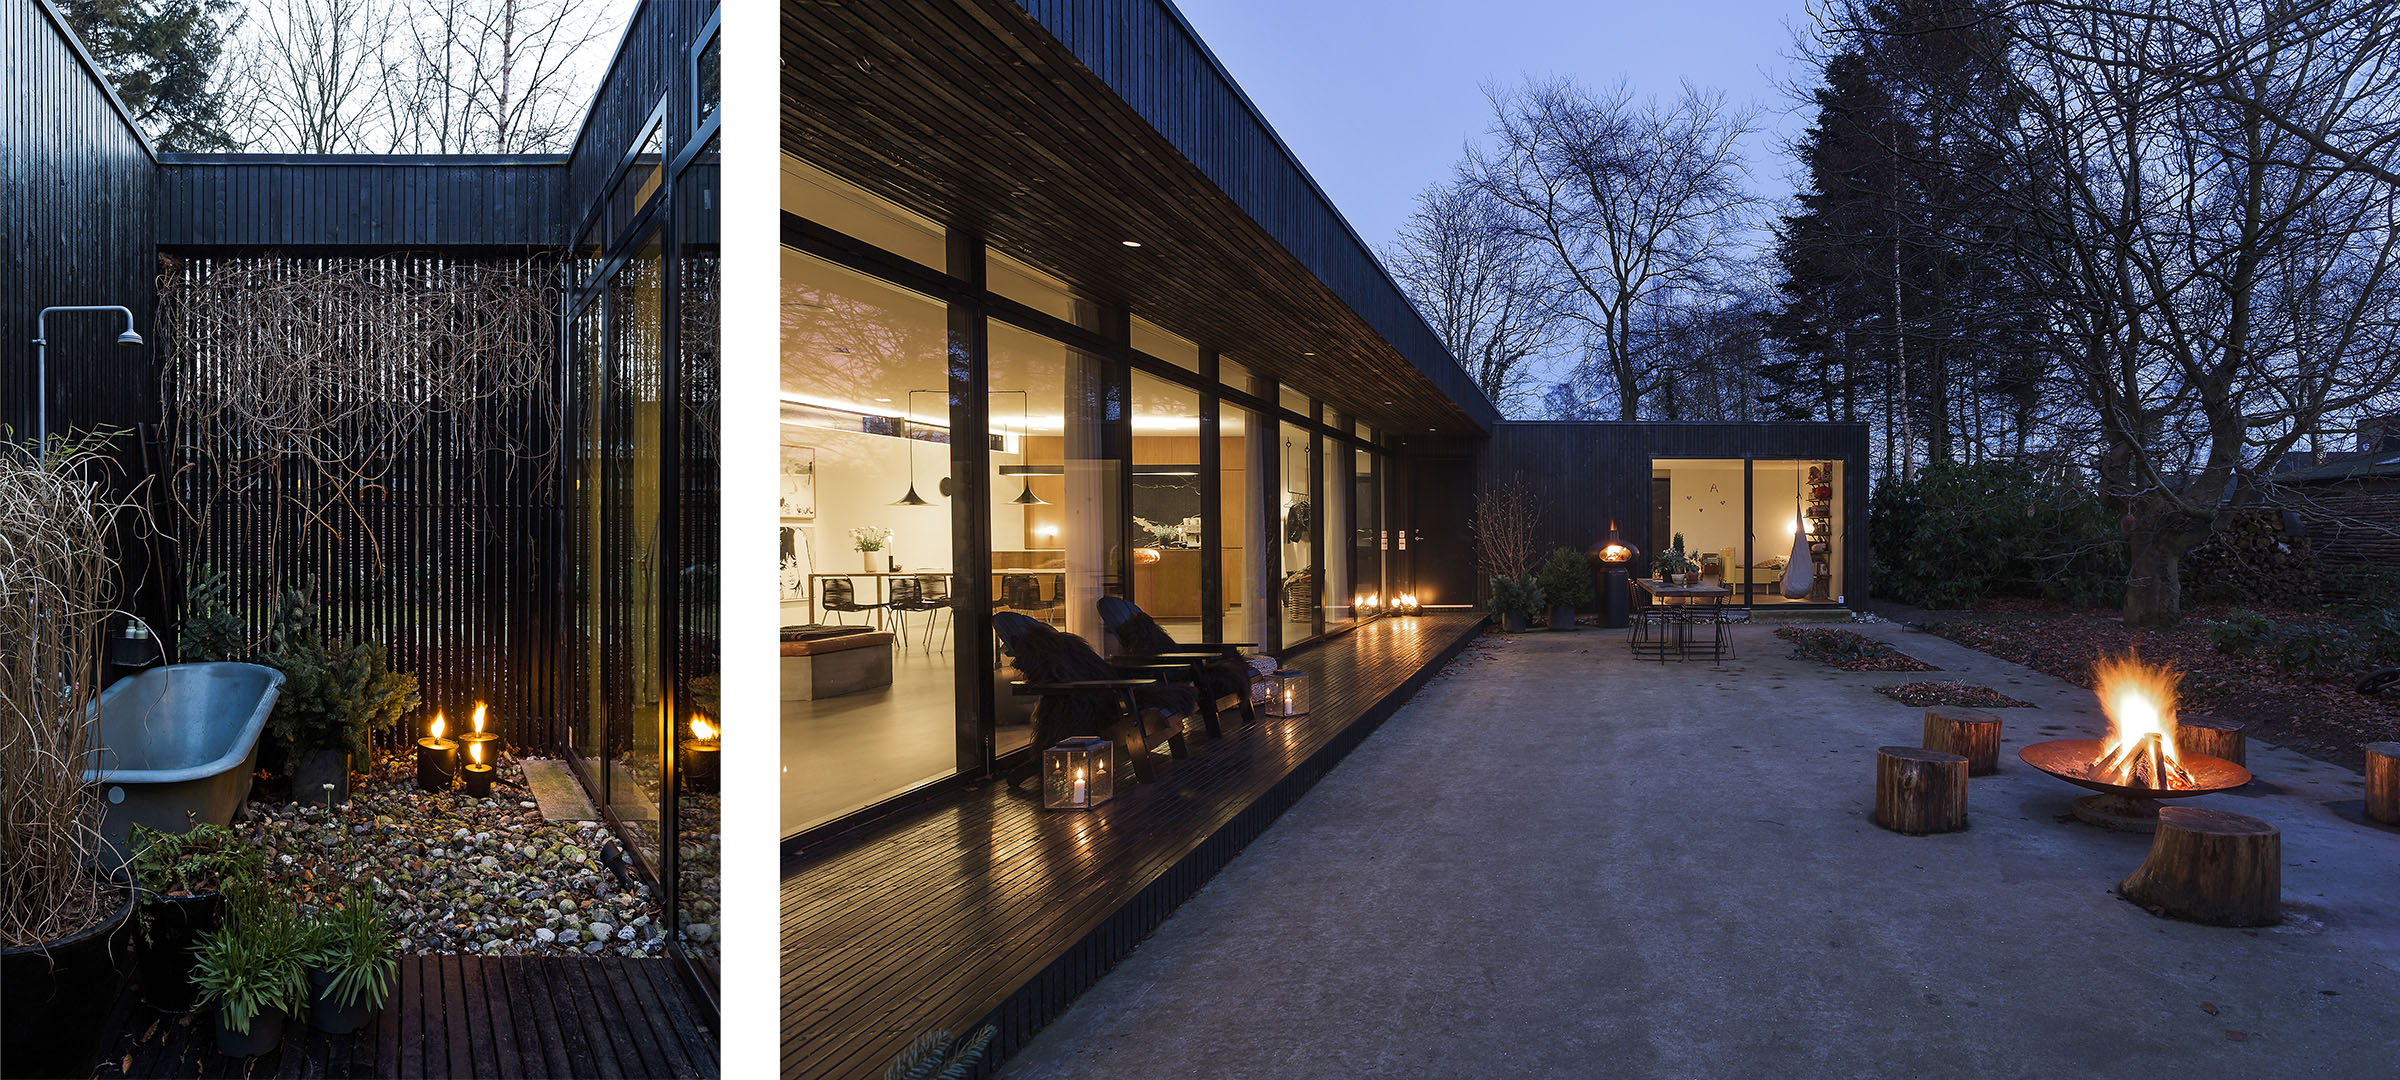 Arkitektens private legeplads   danske boligarkitekter